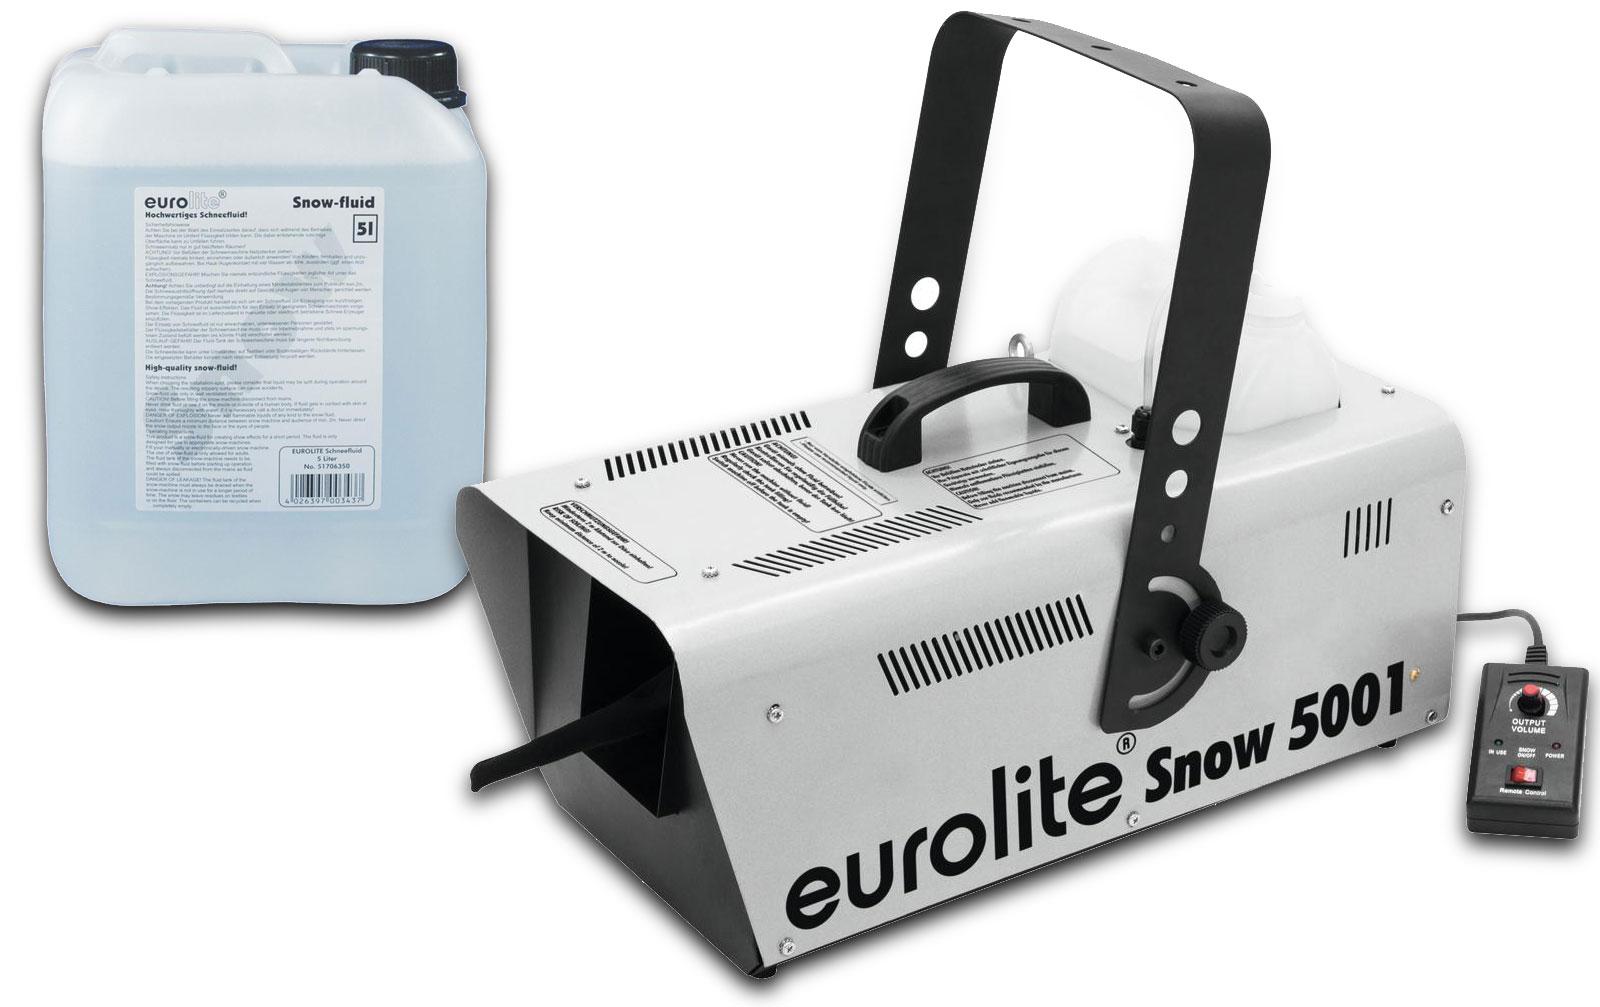 eurolite-set-snow-5001-schneemaschine-schneefluid-5l